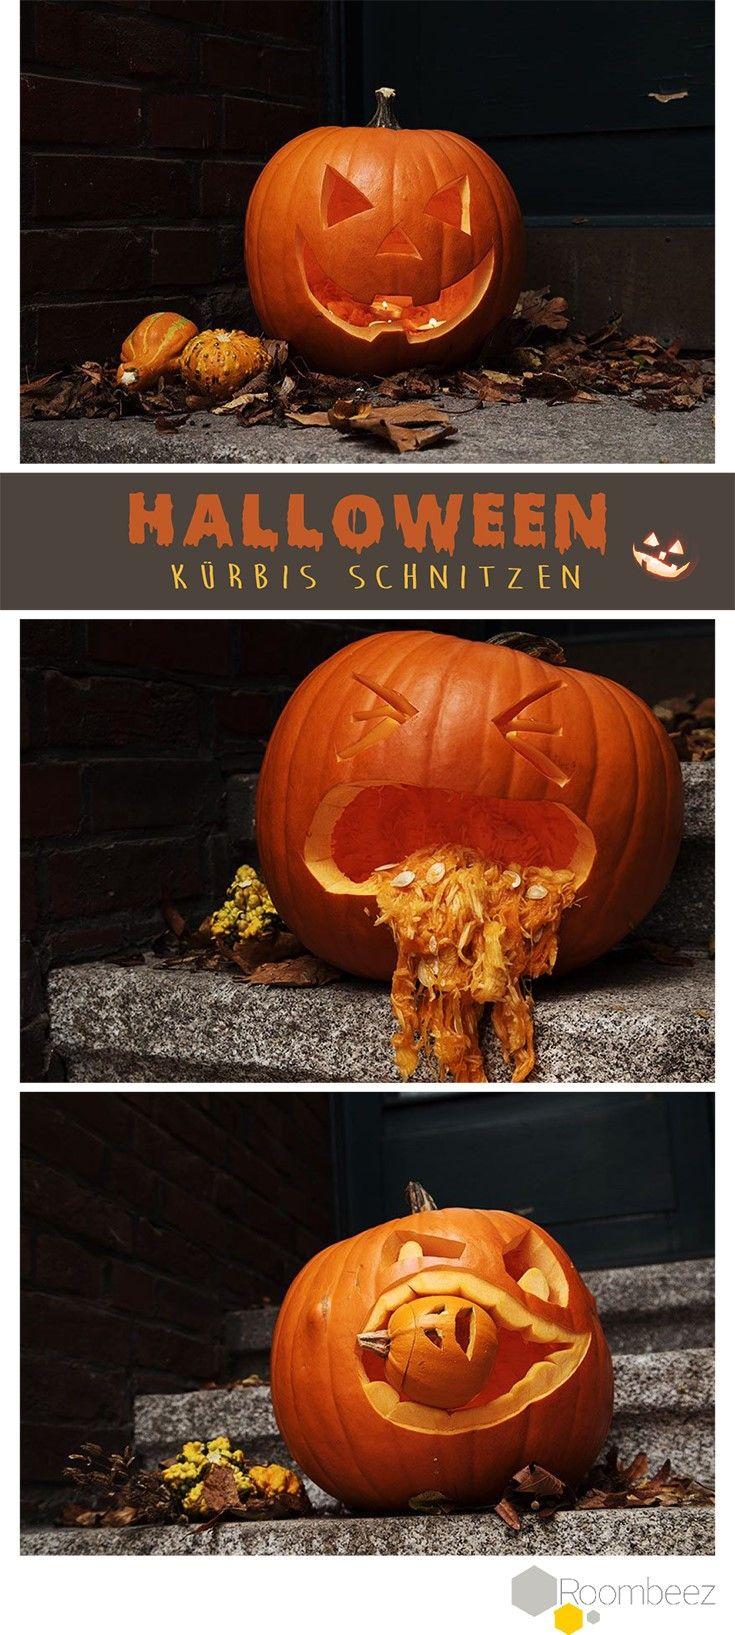 #Halloween #Kürbis schnitzen #DIY #Deko #Einfach #Mittel #Schwer An Halloween darf vor allem eines nicht fehlen » Kürbis schnitzen! Auf ROOMBEEZ findet ihr Anleitungen sowie Videos und Schnitzvorlagen in verschiedenen Schwierigkeitsgraden!